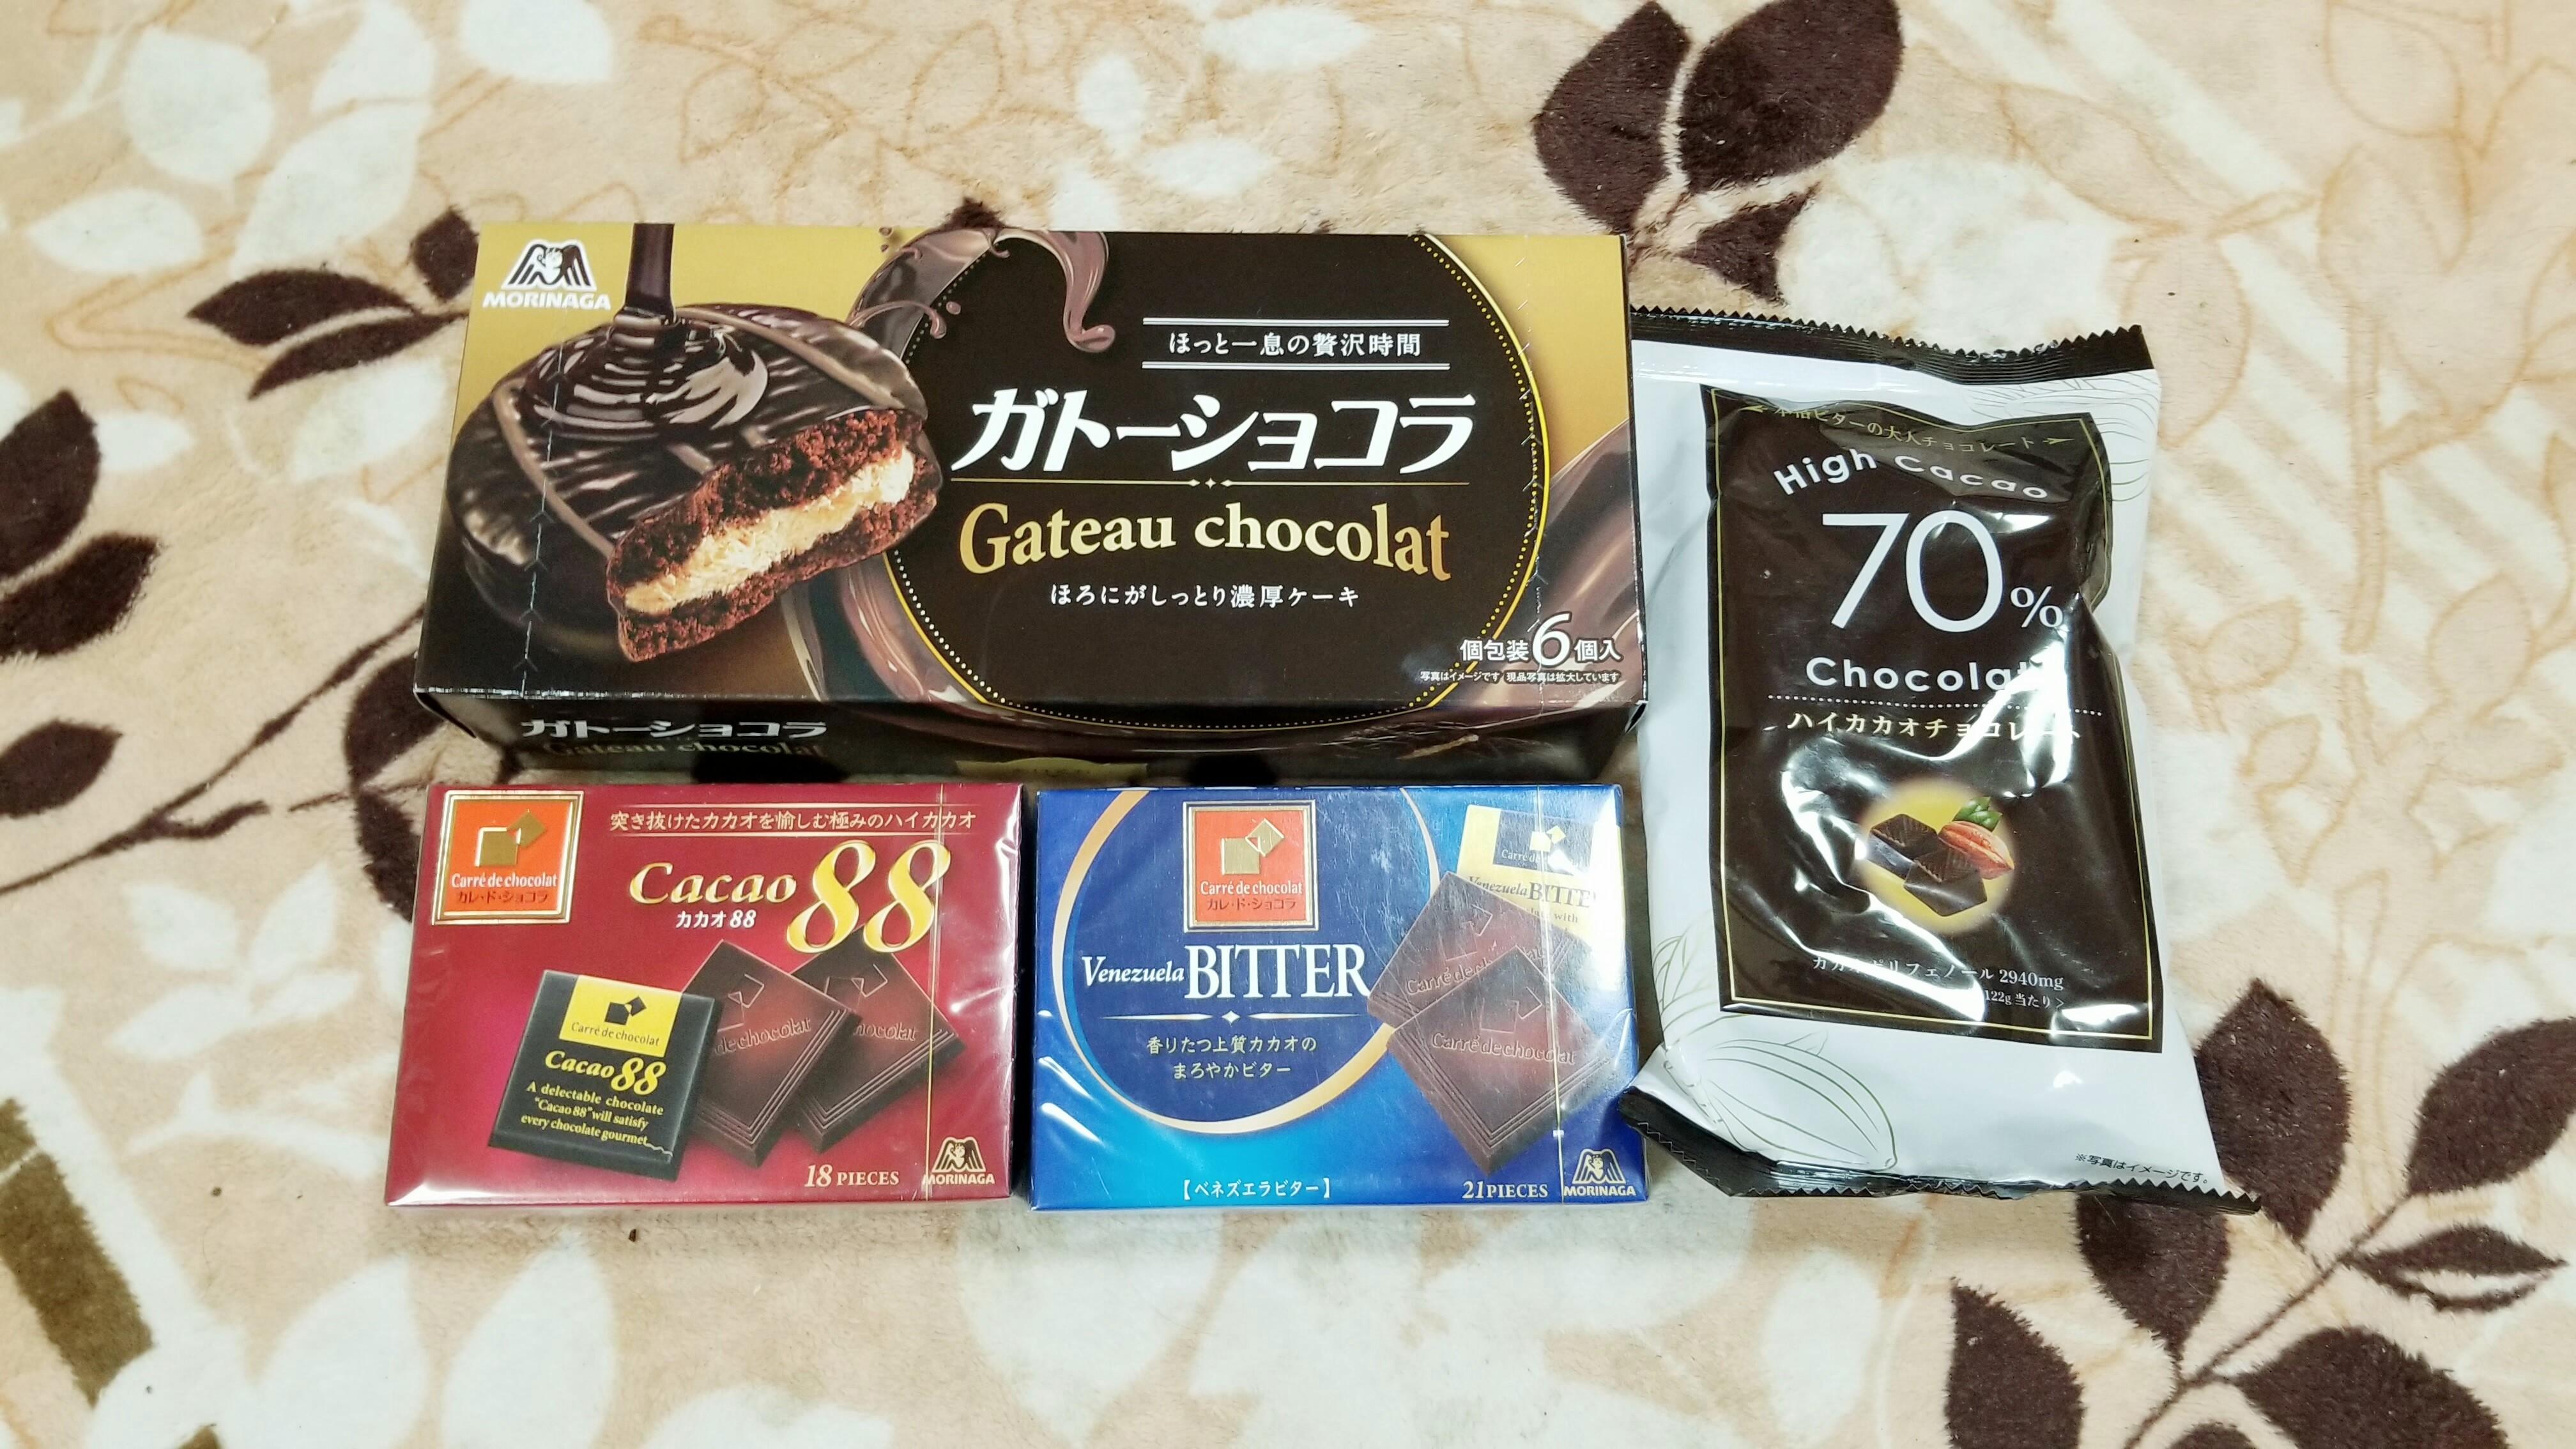 ベネズエラビターチョコレート大好きガトーショコラおいしいおすすめ